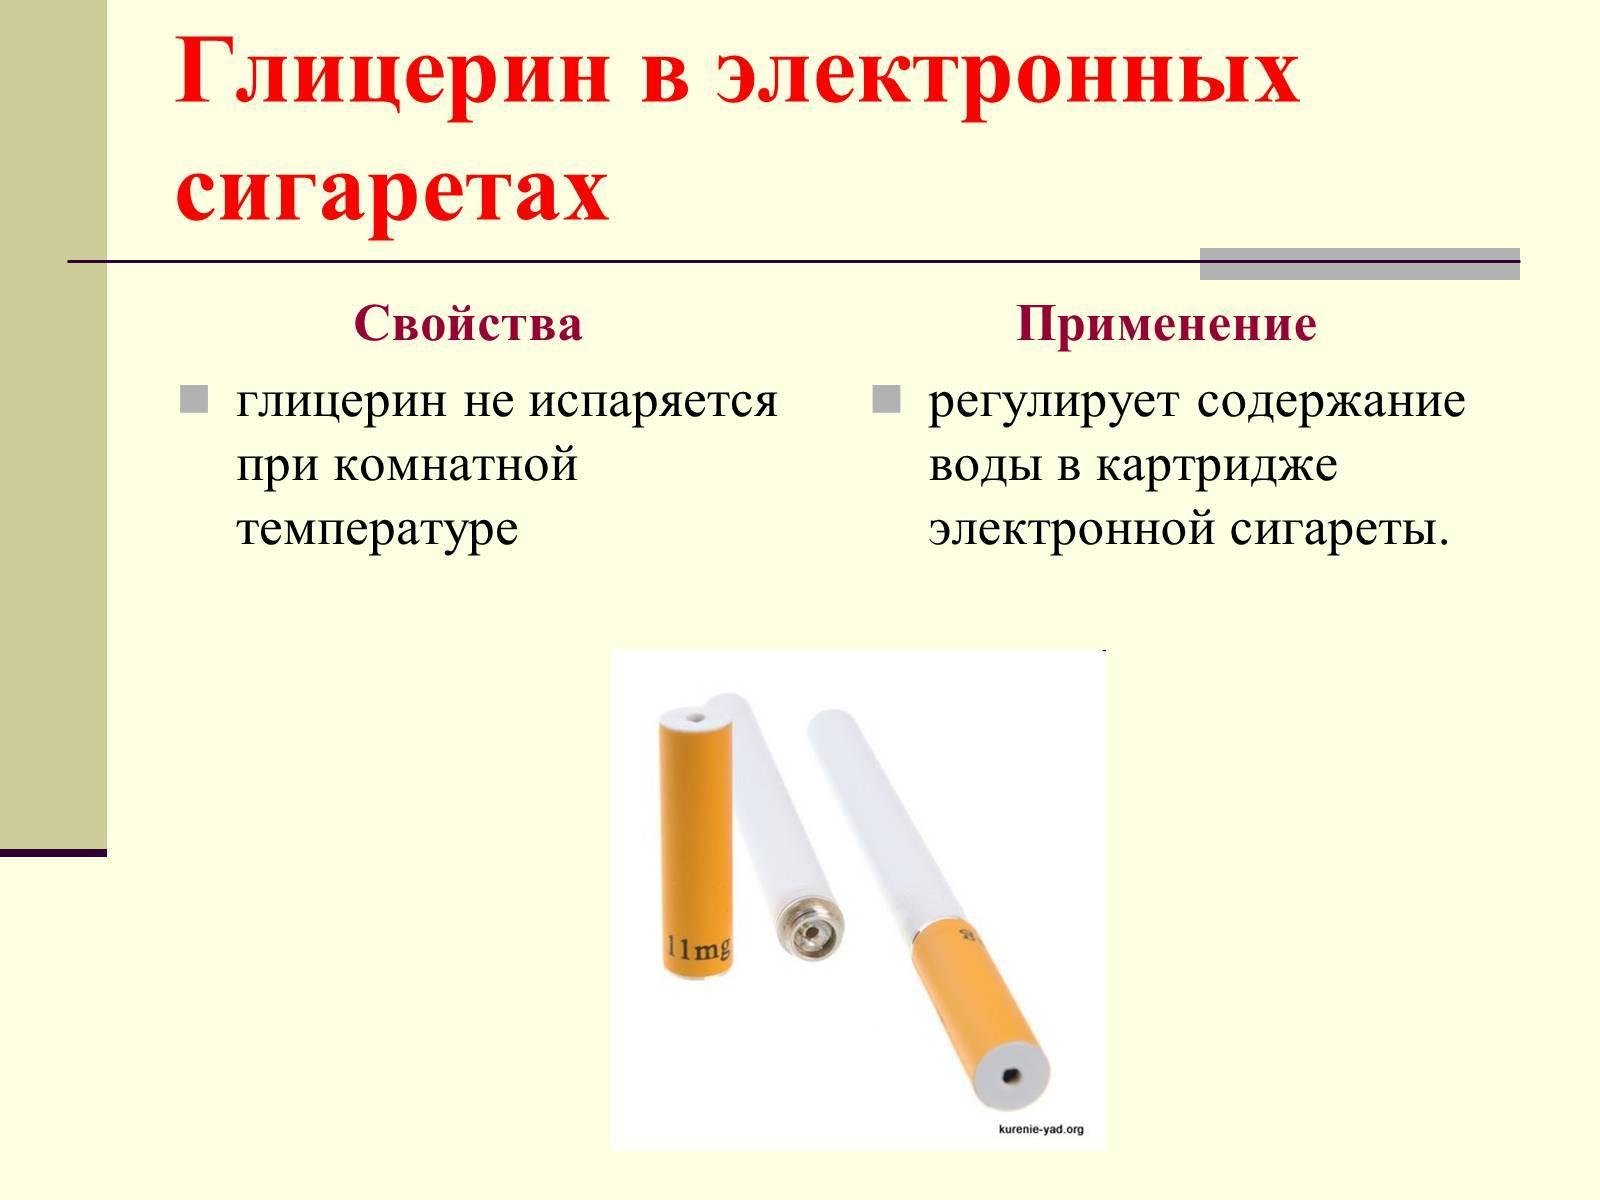 Последствия потребления глицерина при курении электронных сигарет